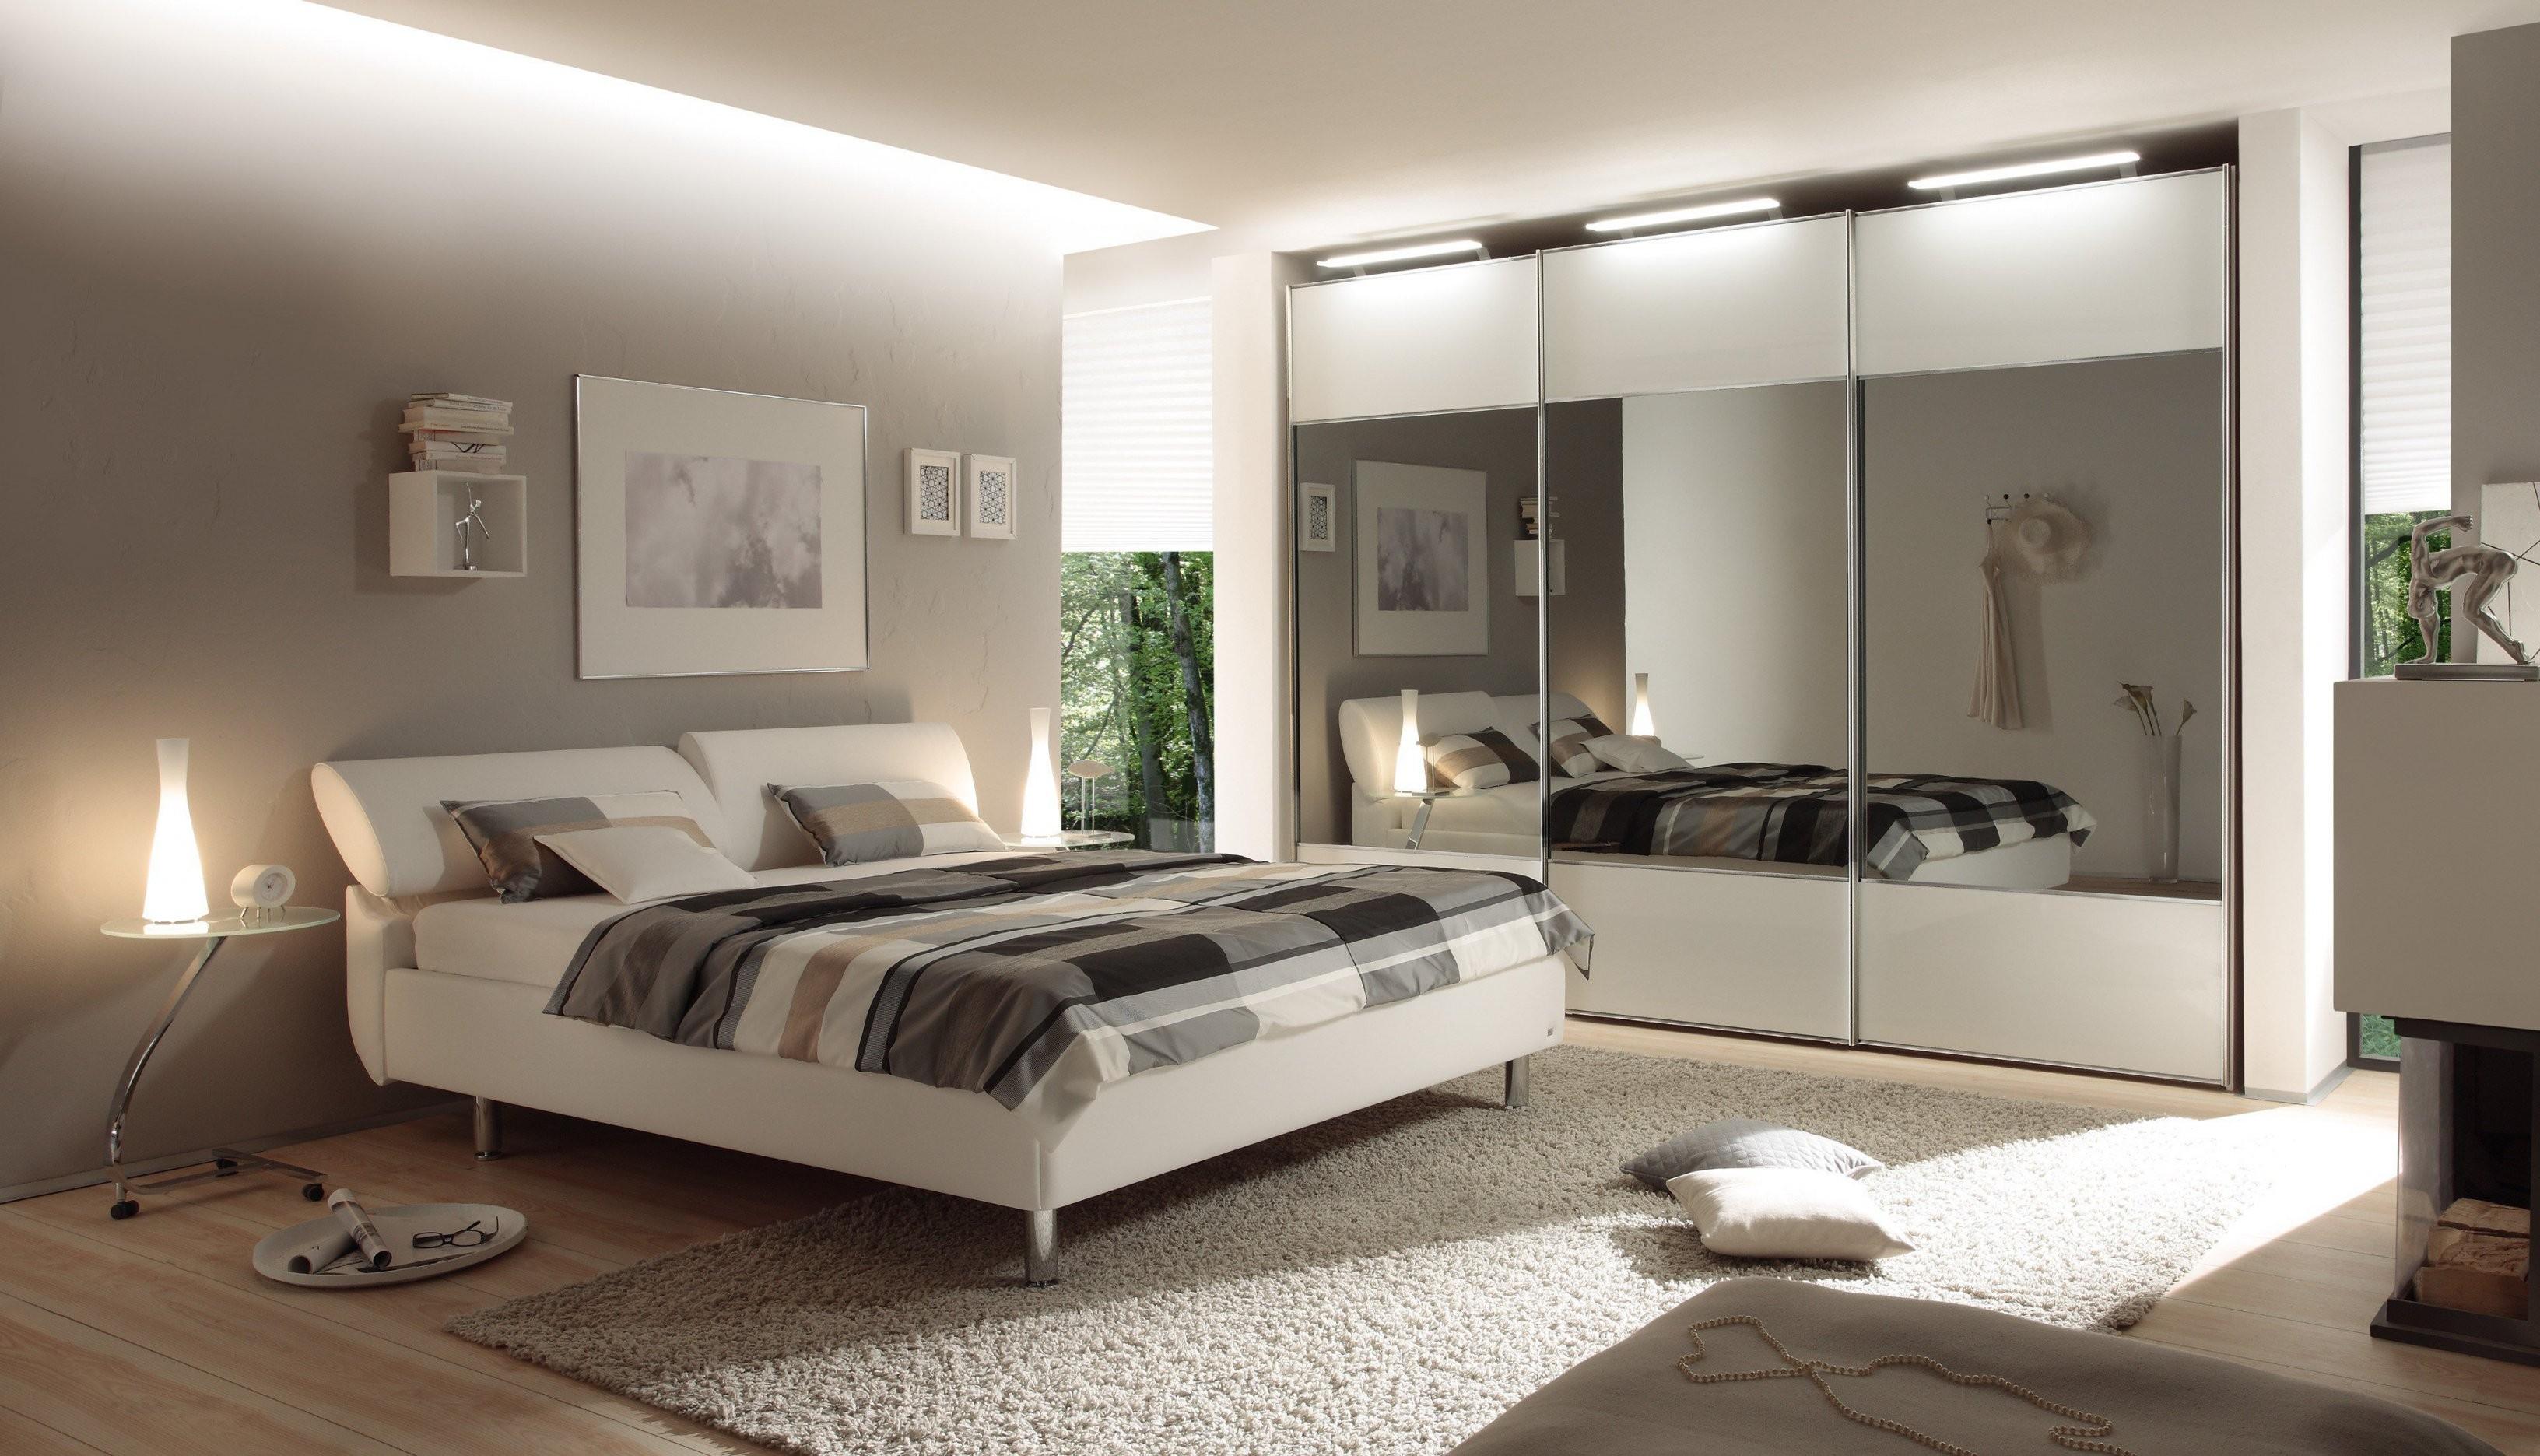 Ruf Polsterbett Modell Casa Im Eleganten Weiß  Möbel Letz  Ihr von Ruf Betten Mit Bettkasten Photo